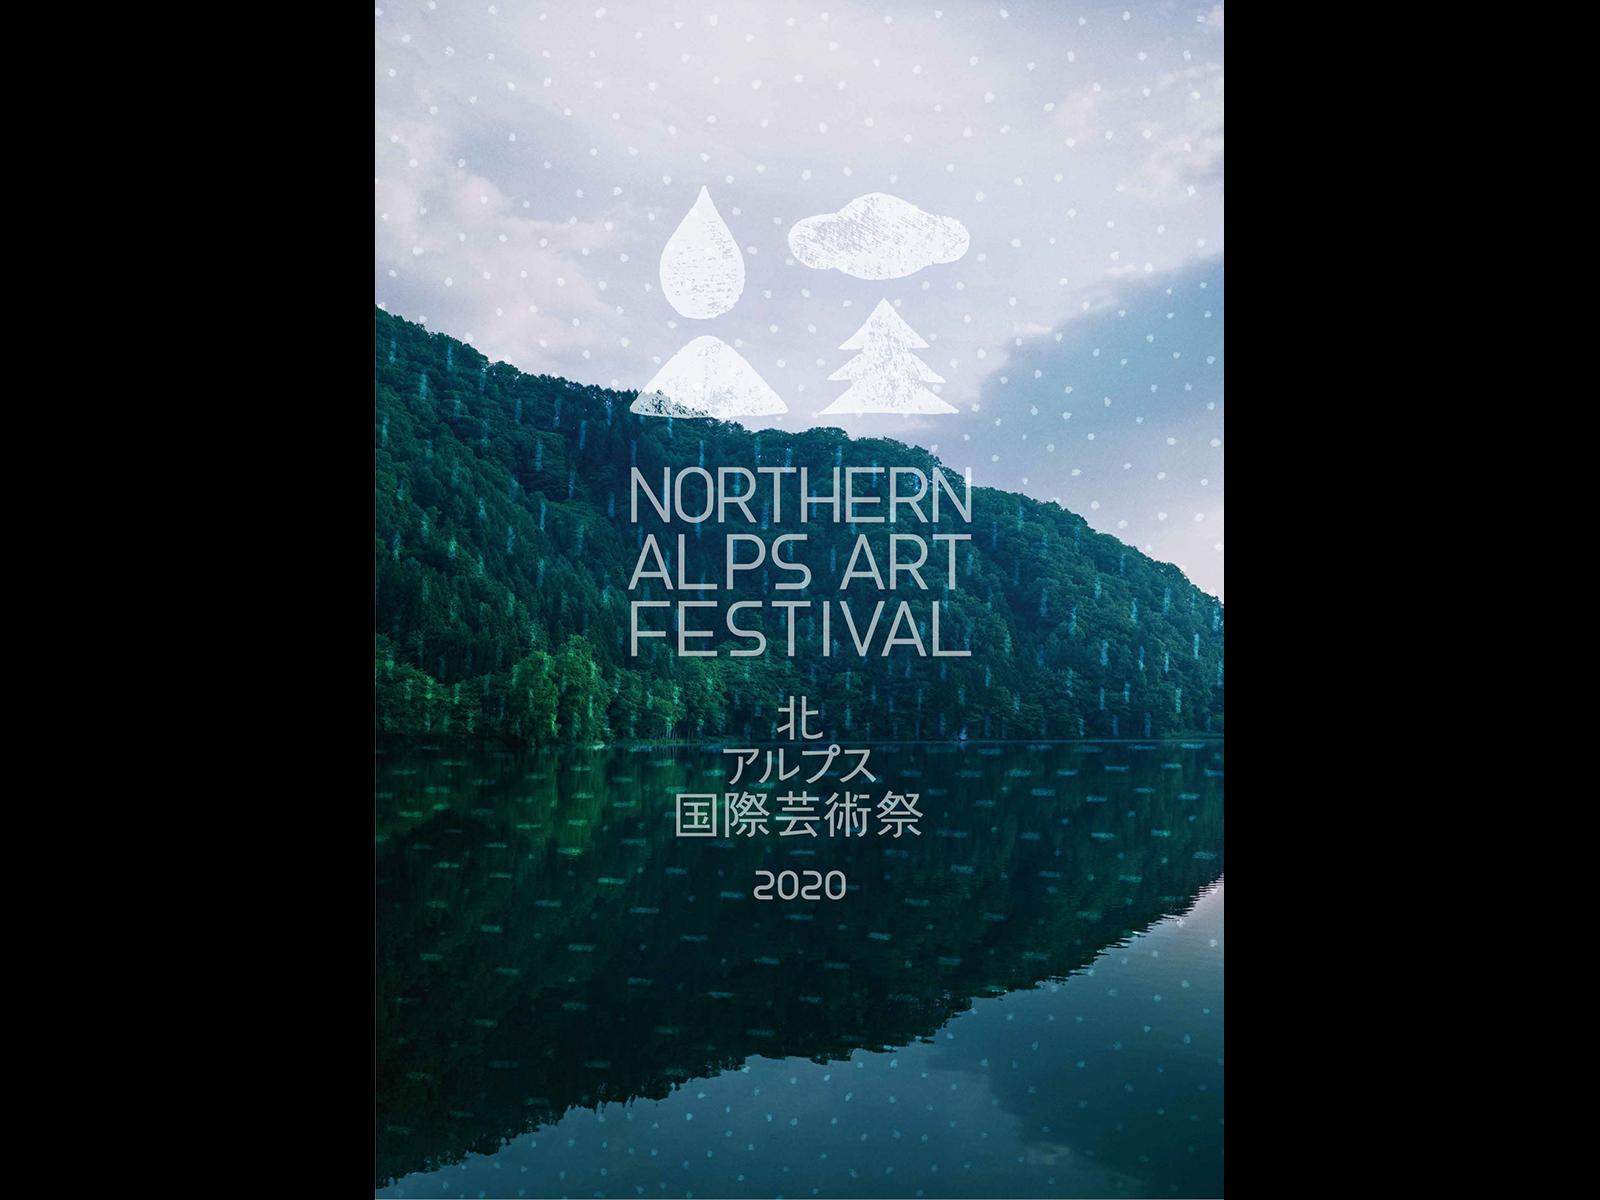 『北アルプス 国際芸術祭2020』